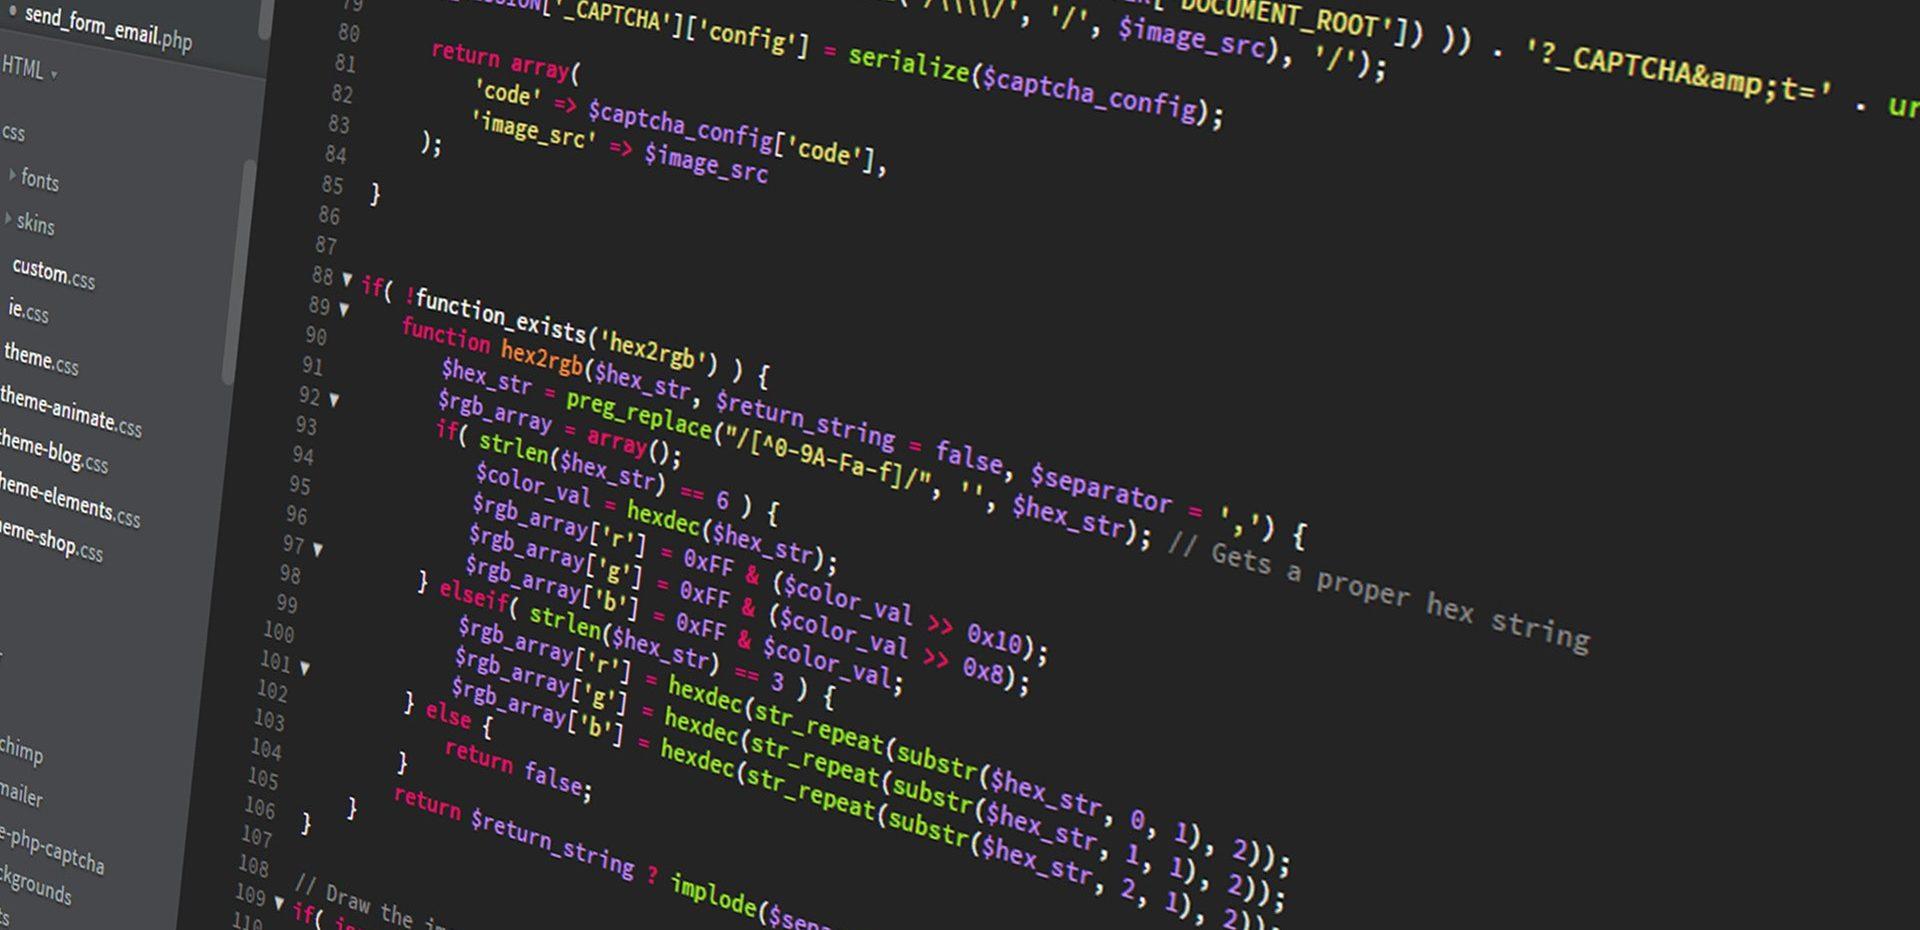 ۱۰ زبان محبوب برنامهنویسی